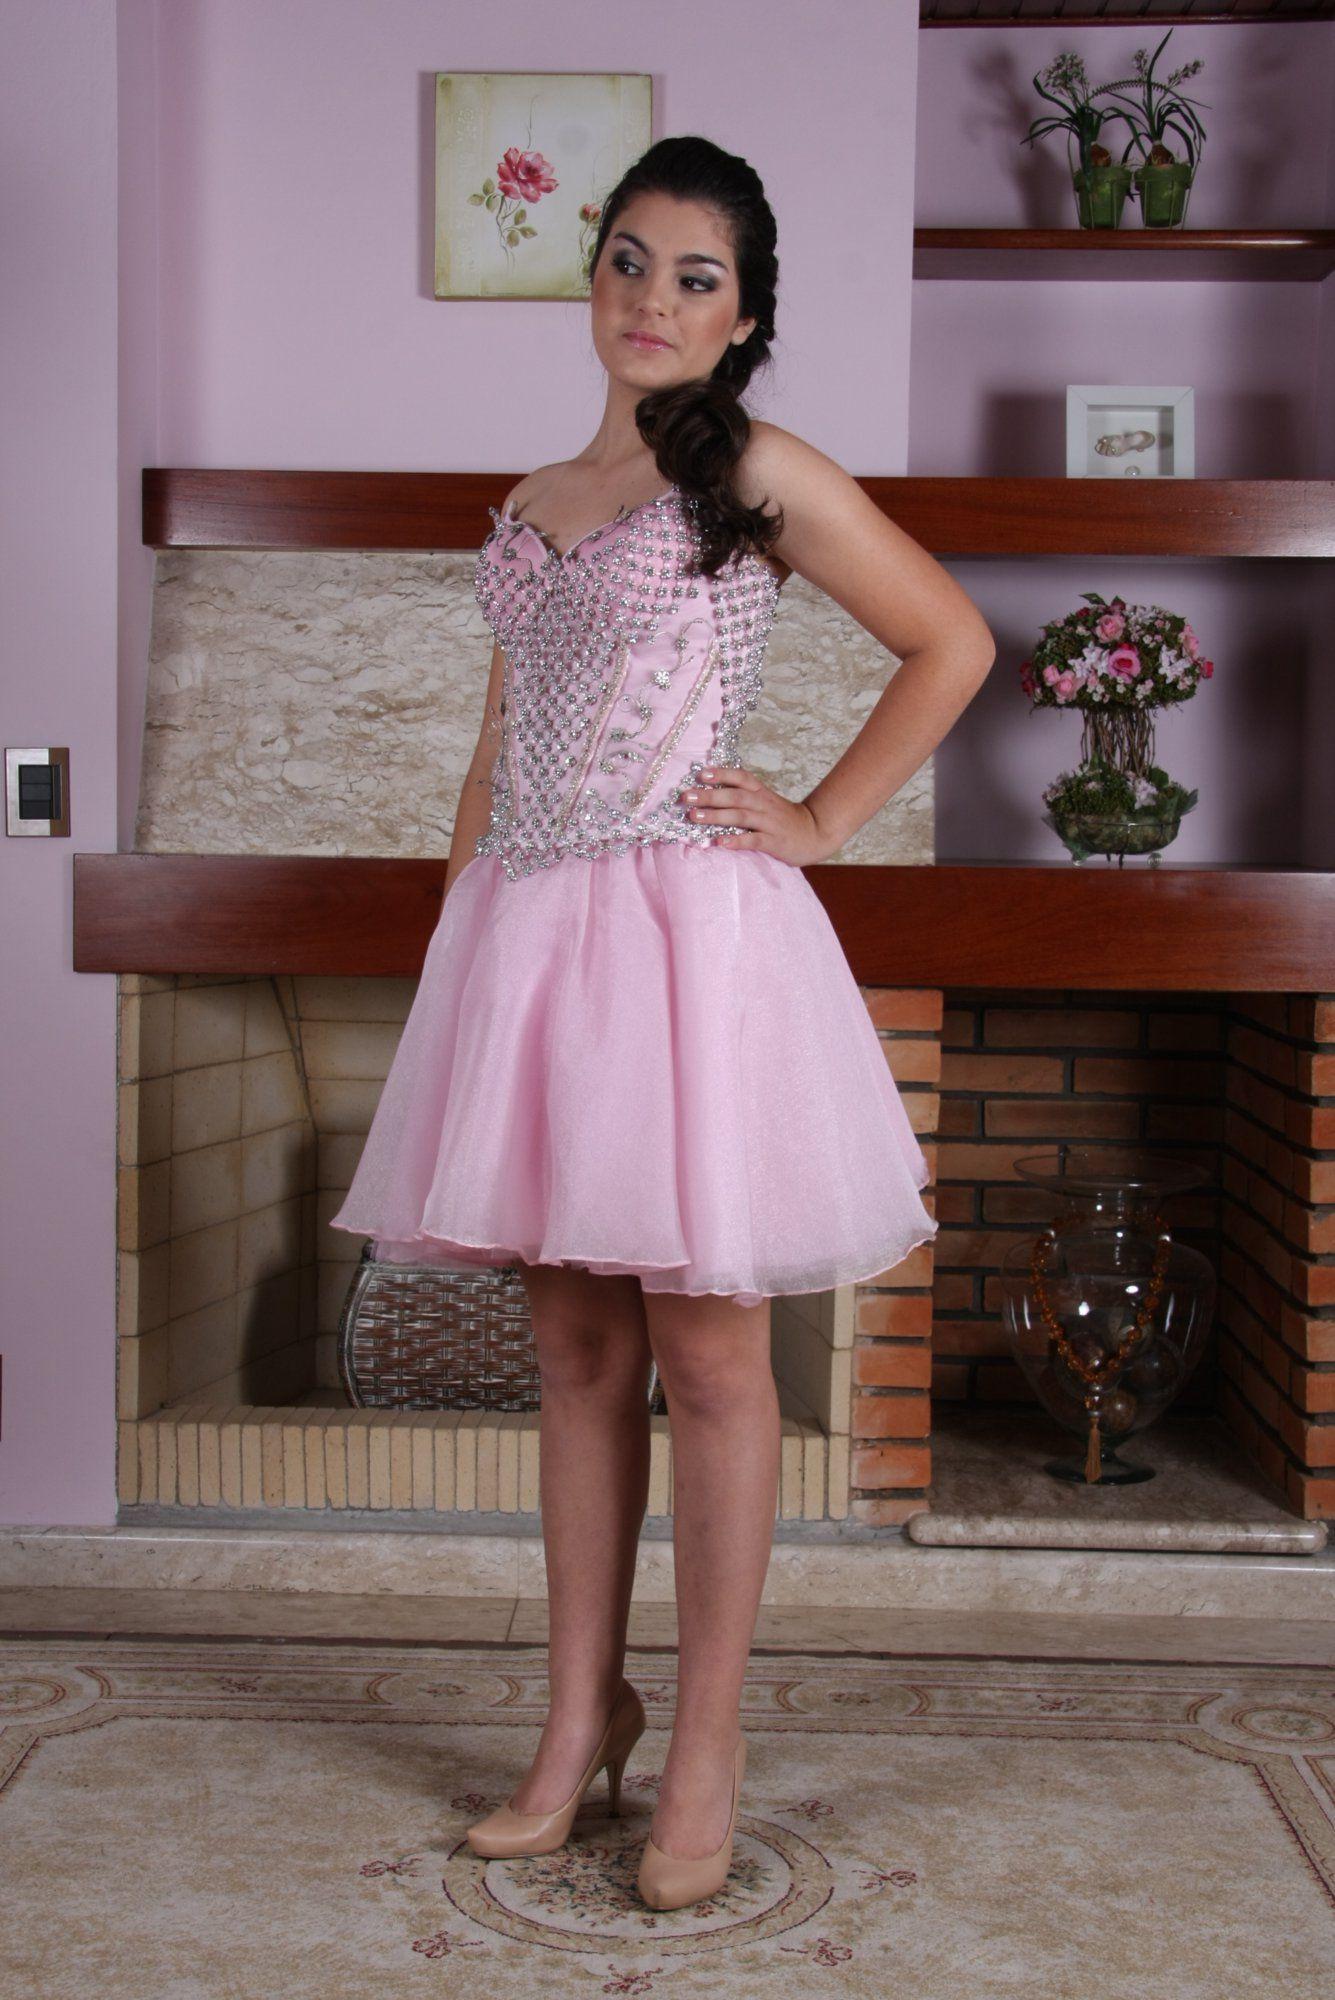 Vestido de Debutante Rosa - 28 - Hipnose Alta Costura e Spa para Noivas e Noivos - Campinas - SP Vestido de Debutante, Vestido de Debutante Rosa, Hipnose Alta Costura